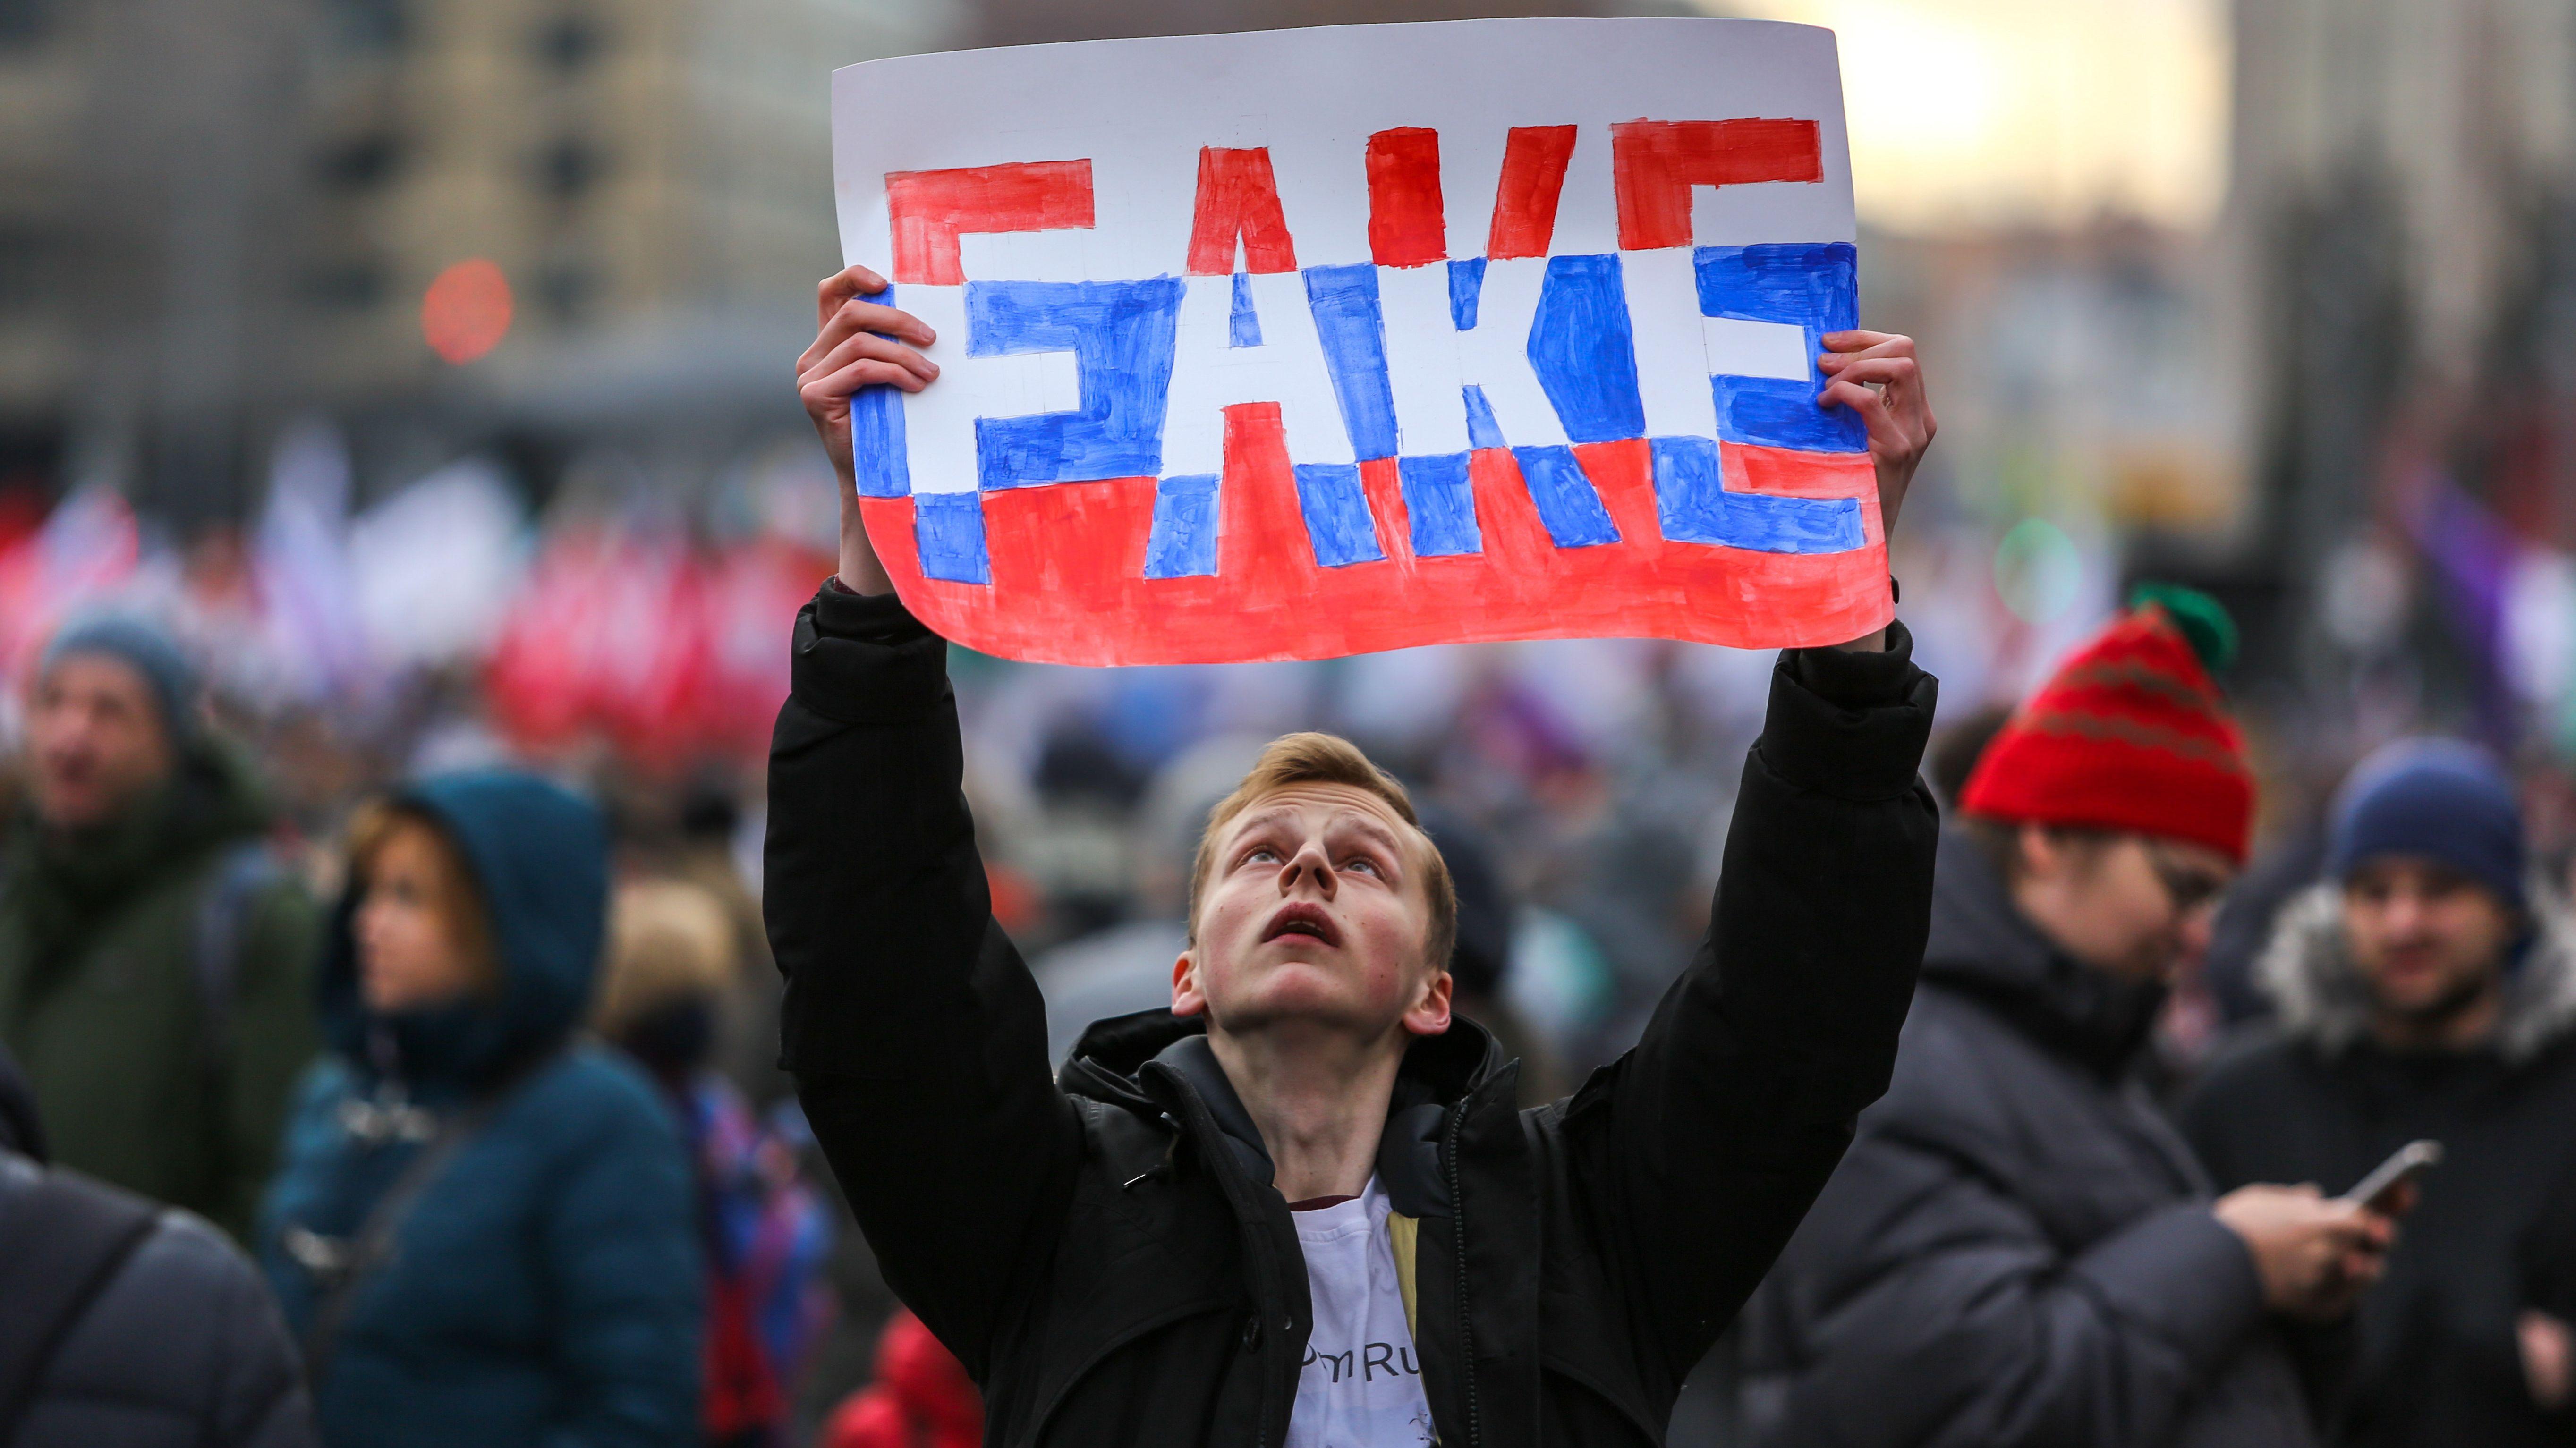 """Ein junger Mann hält ein Schild mit dem Wort """"Fake"""" in die Luft - in den Farben der russischen Flagge."""